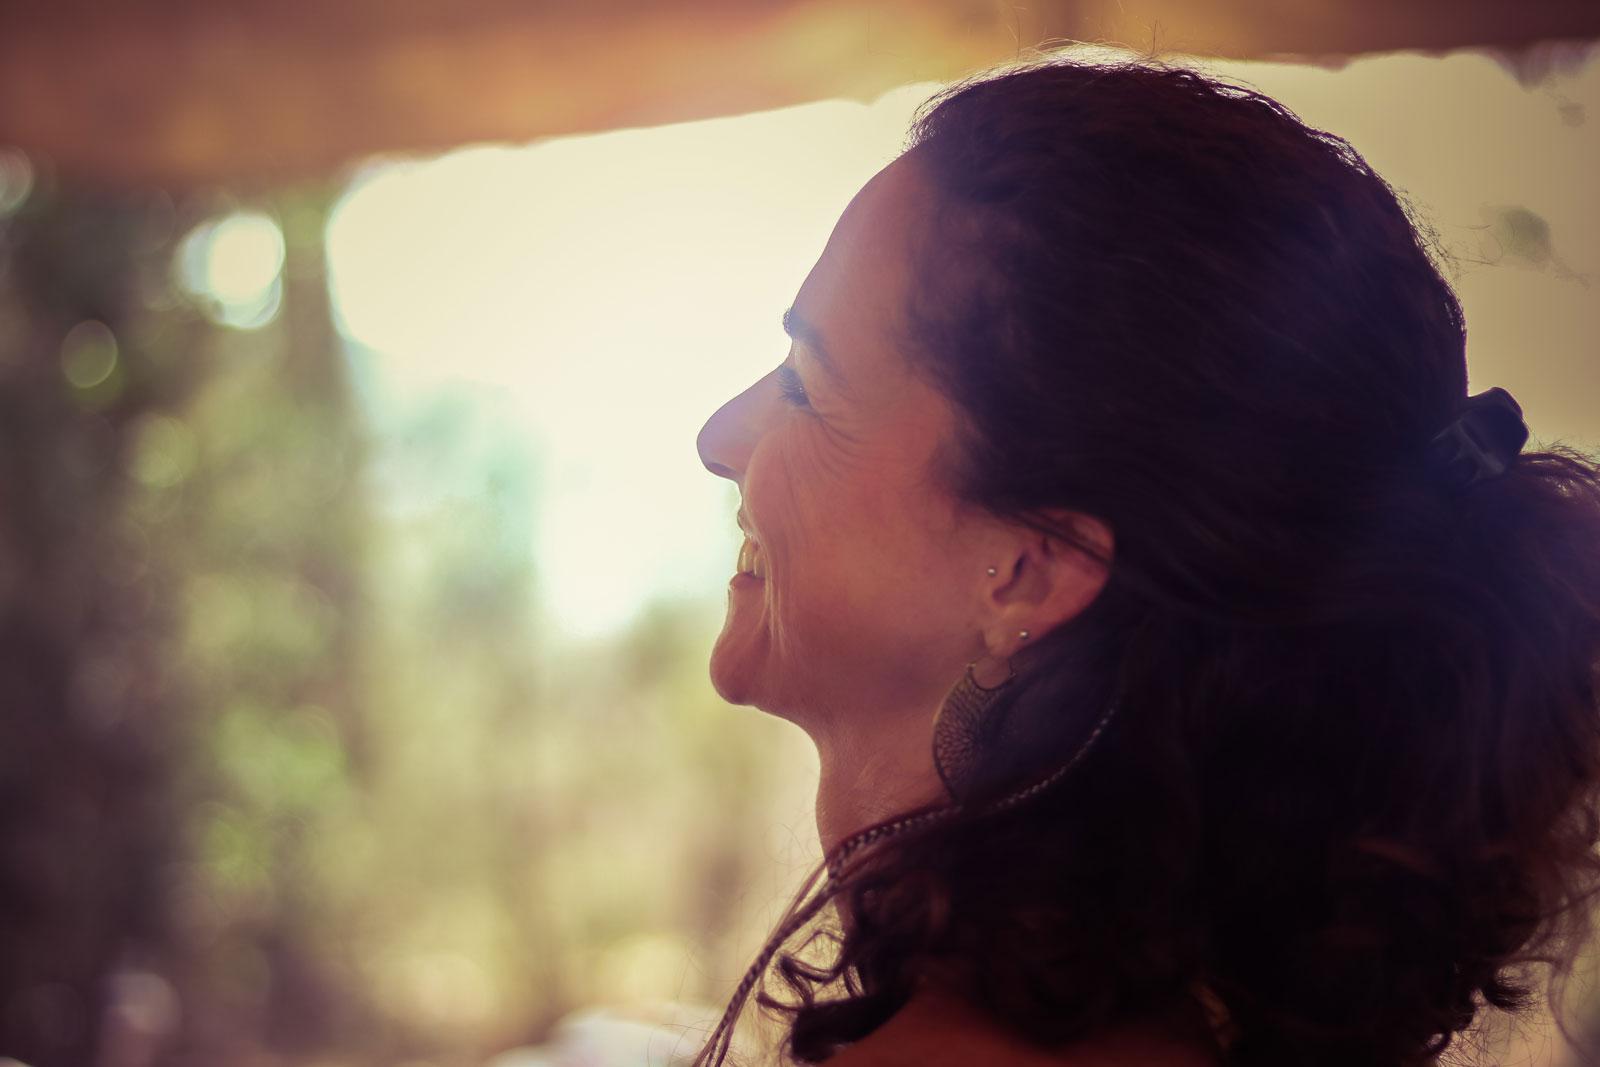 Yoga, Meditation und Tanz nutze ich als Techniken, meinen Geist und meine Aufmerksamkeit zurück zu mir zu holen. Sie sind wichtige Reminder, mein Leben mit Vertrauen, Freude und Mitgefühl zu füllen. -